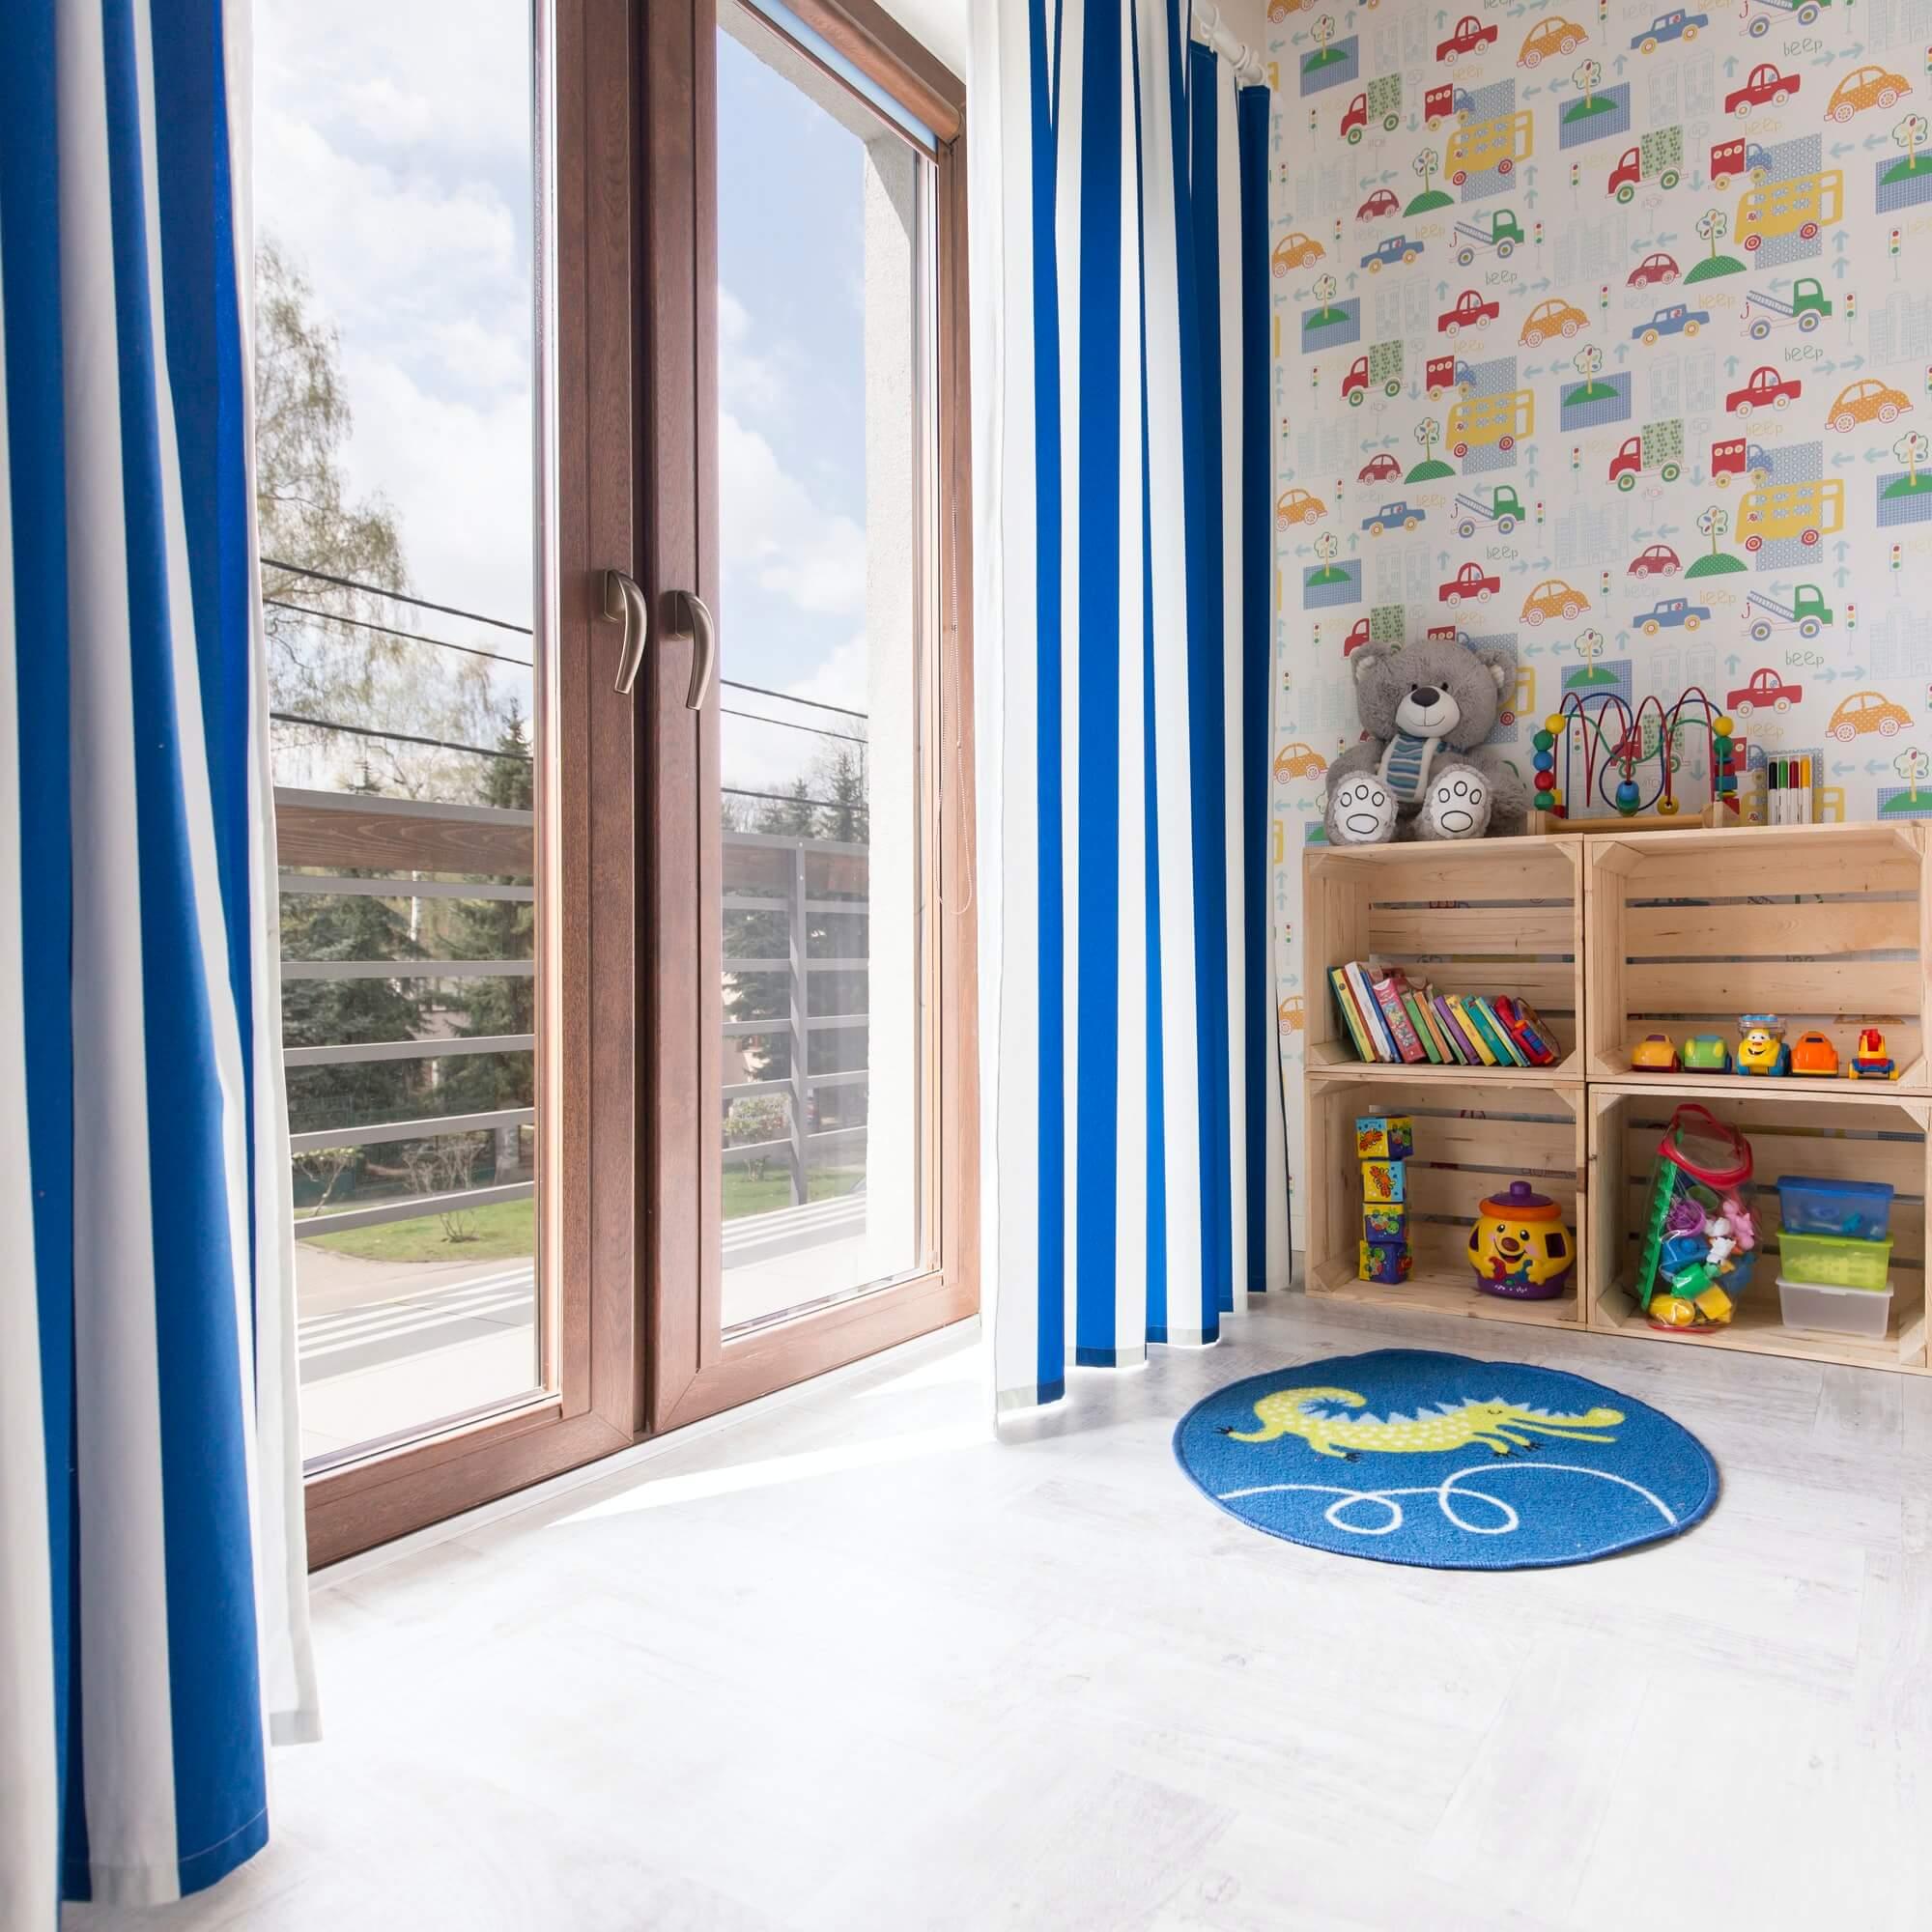 Kinderkamer behangen met leuk moteif? Bonheiden Rijmenam videco niels viaene